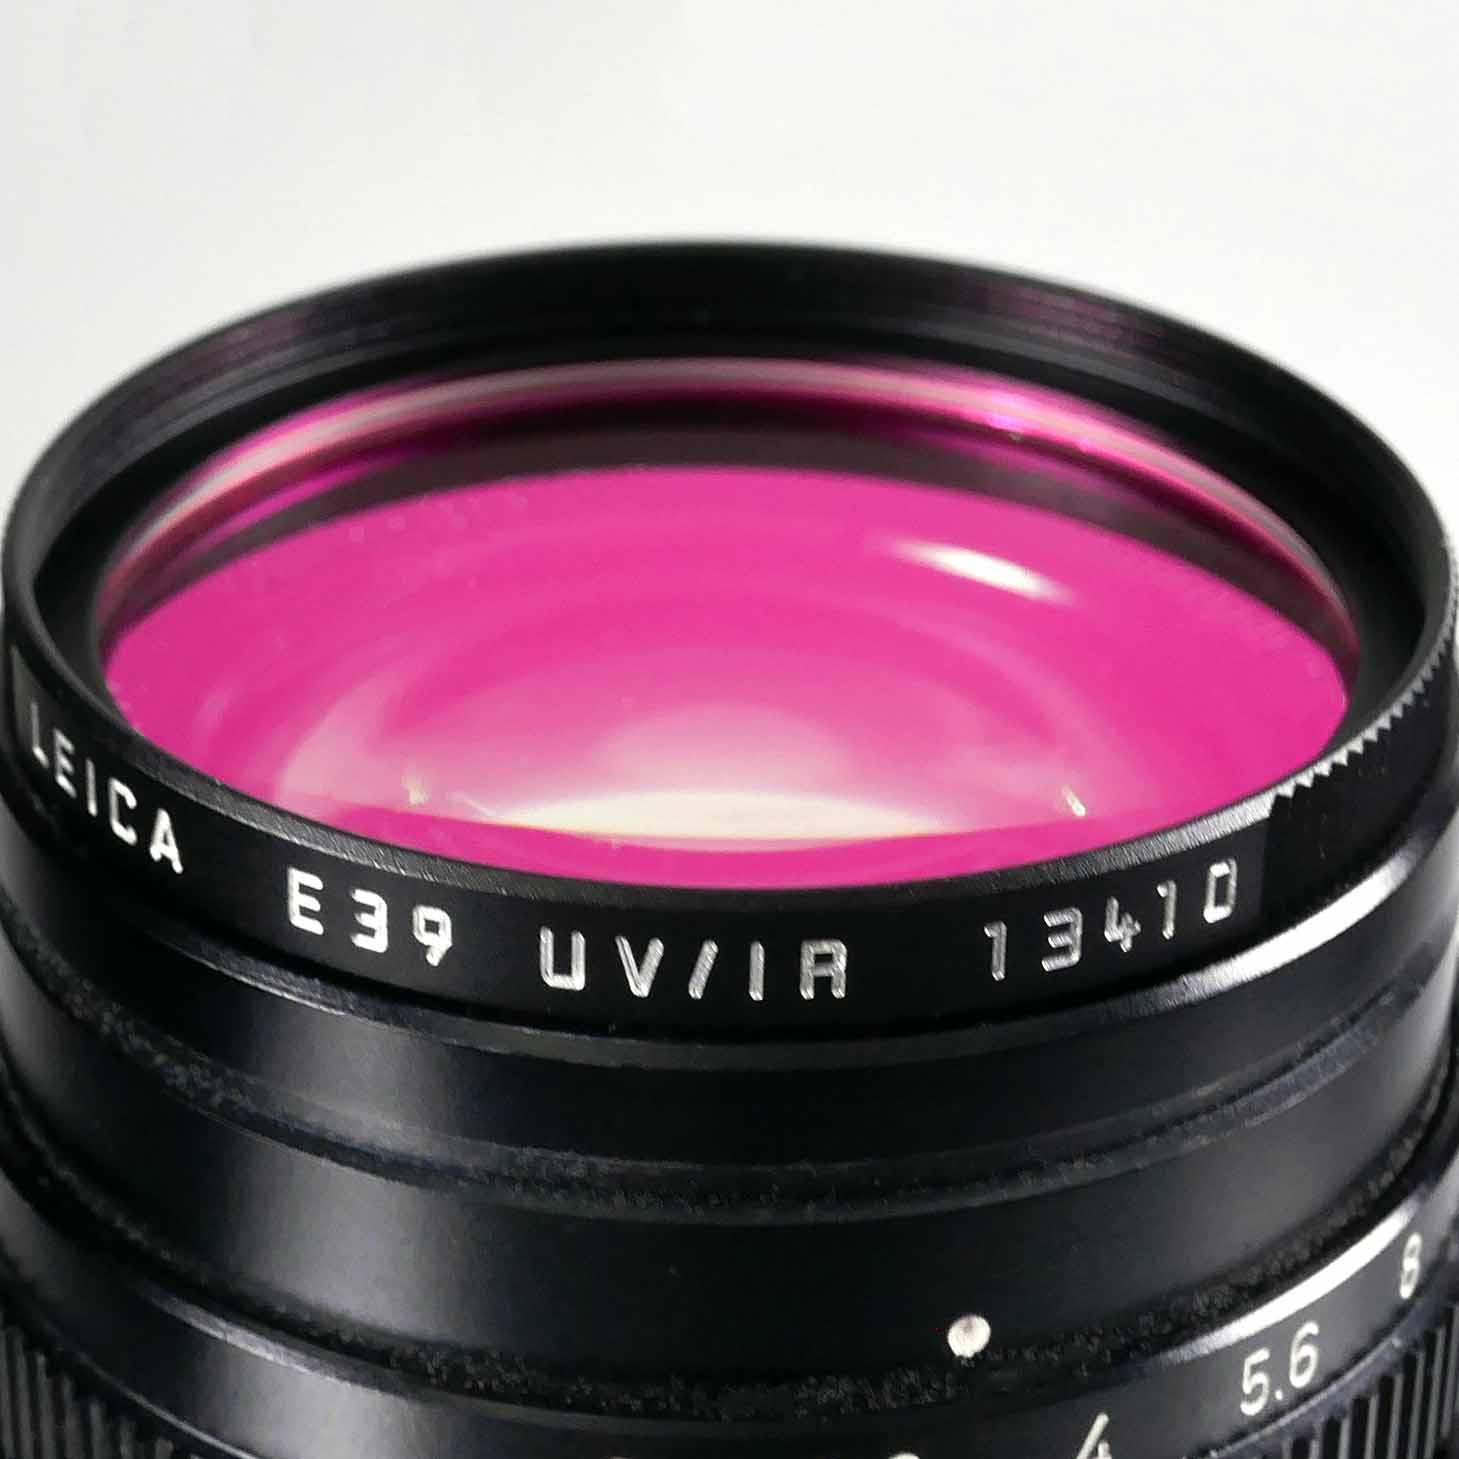 clean-cameras-LEICA-UV-IR-13410-E39-05